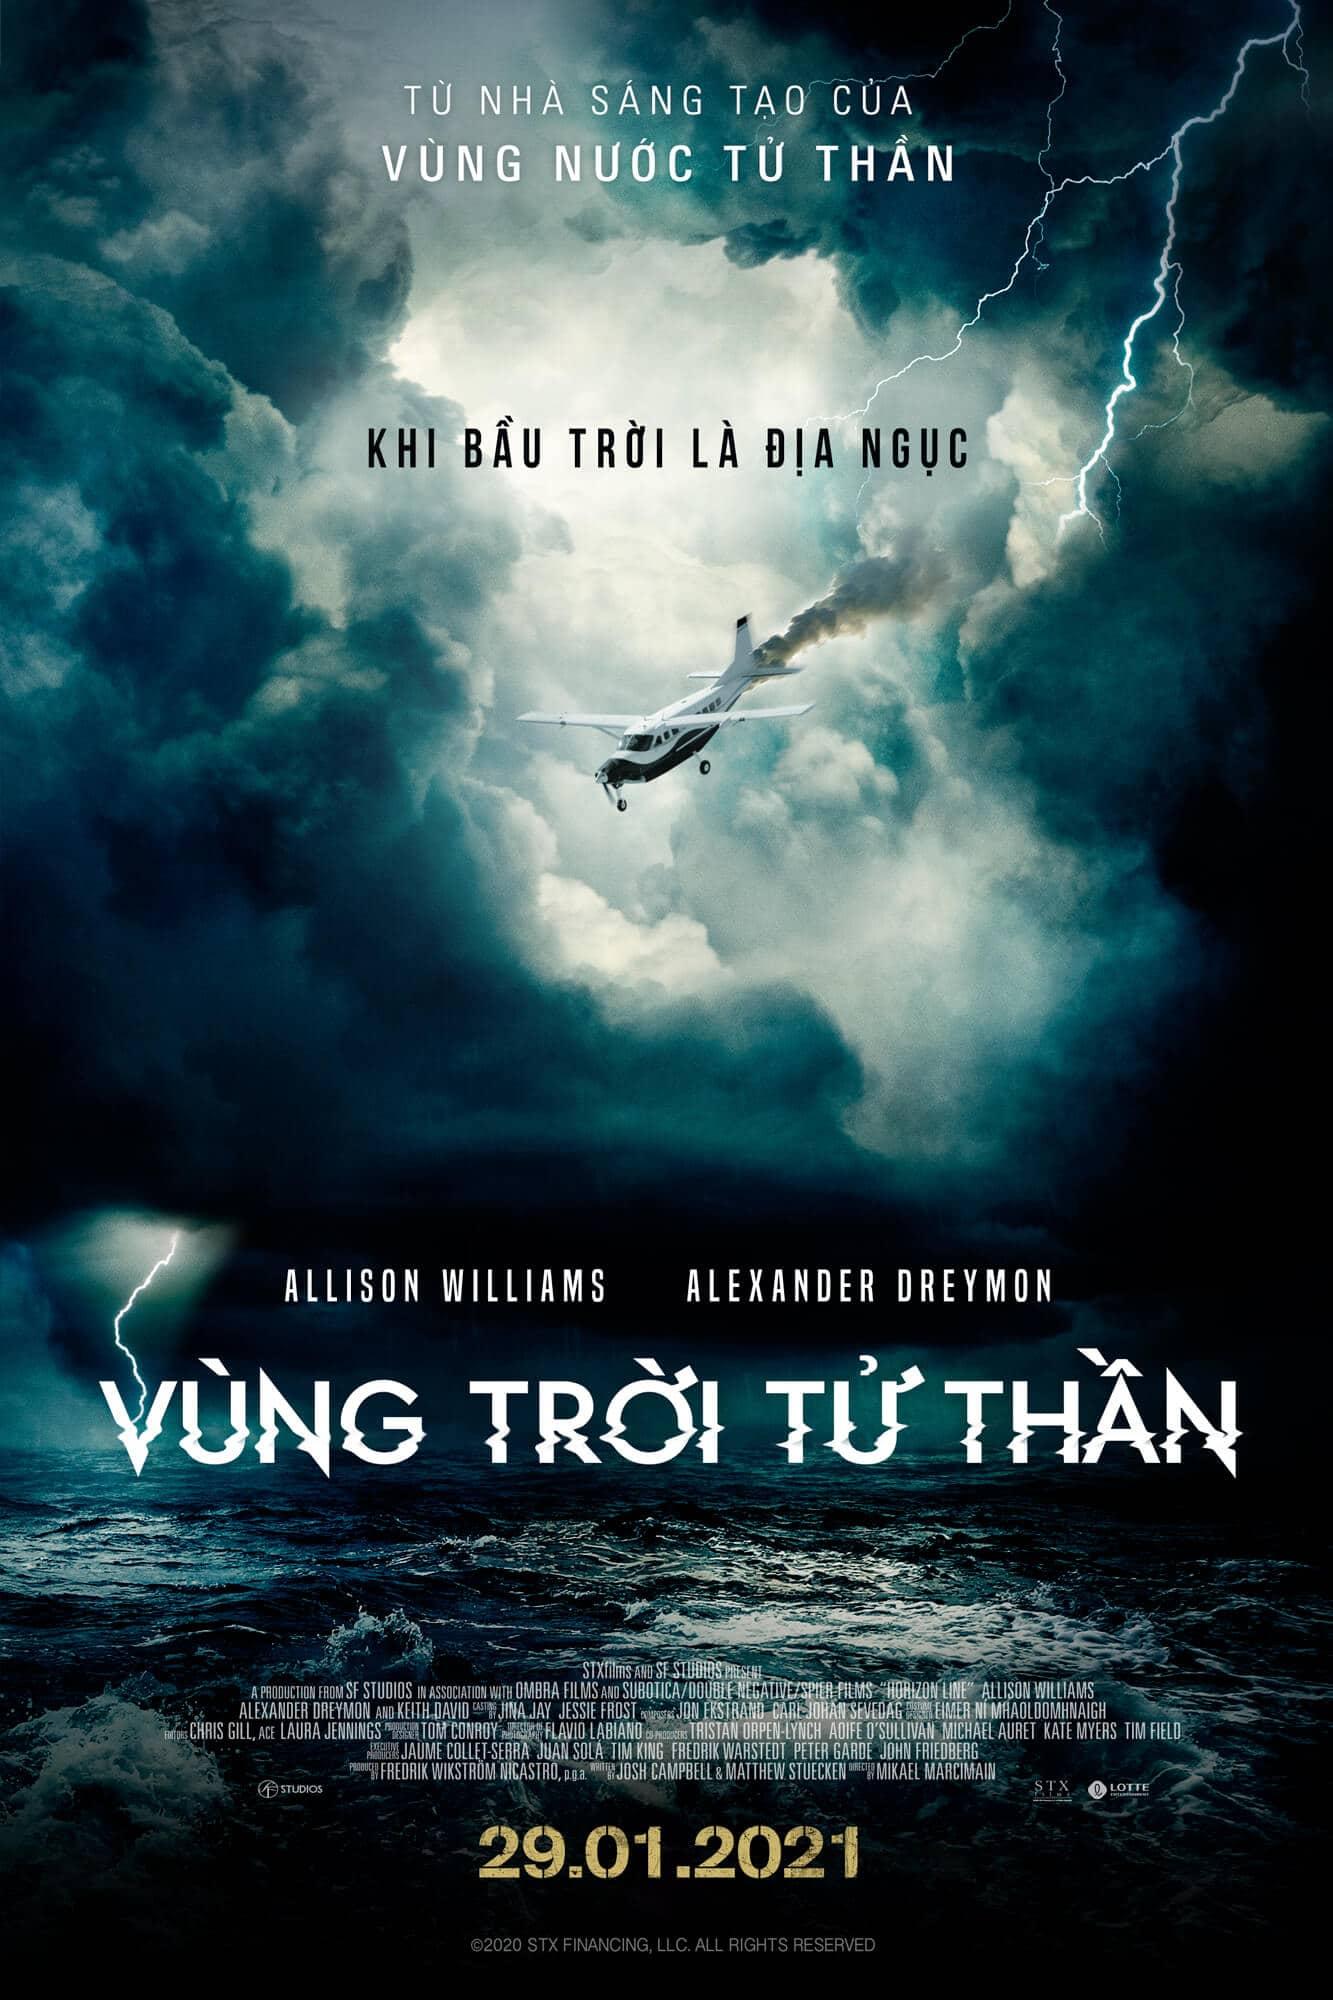 Poster phim Horizon Line (Vùng Trời Tử Thần)